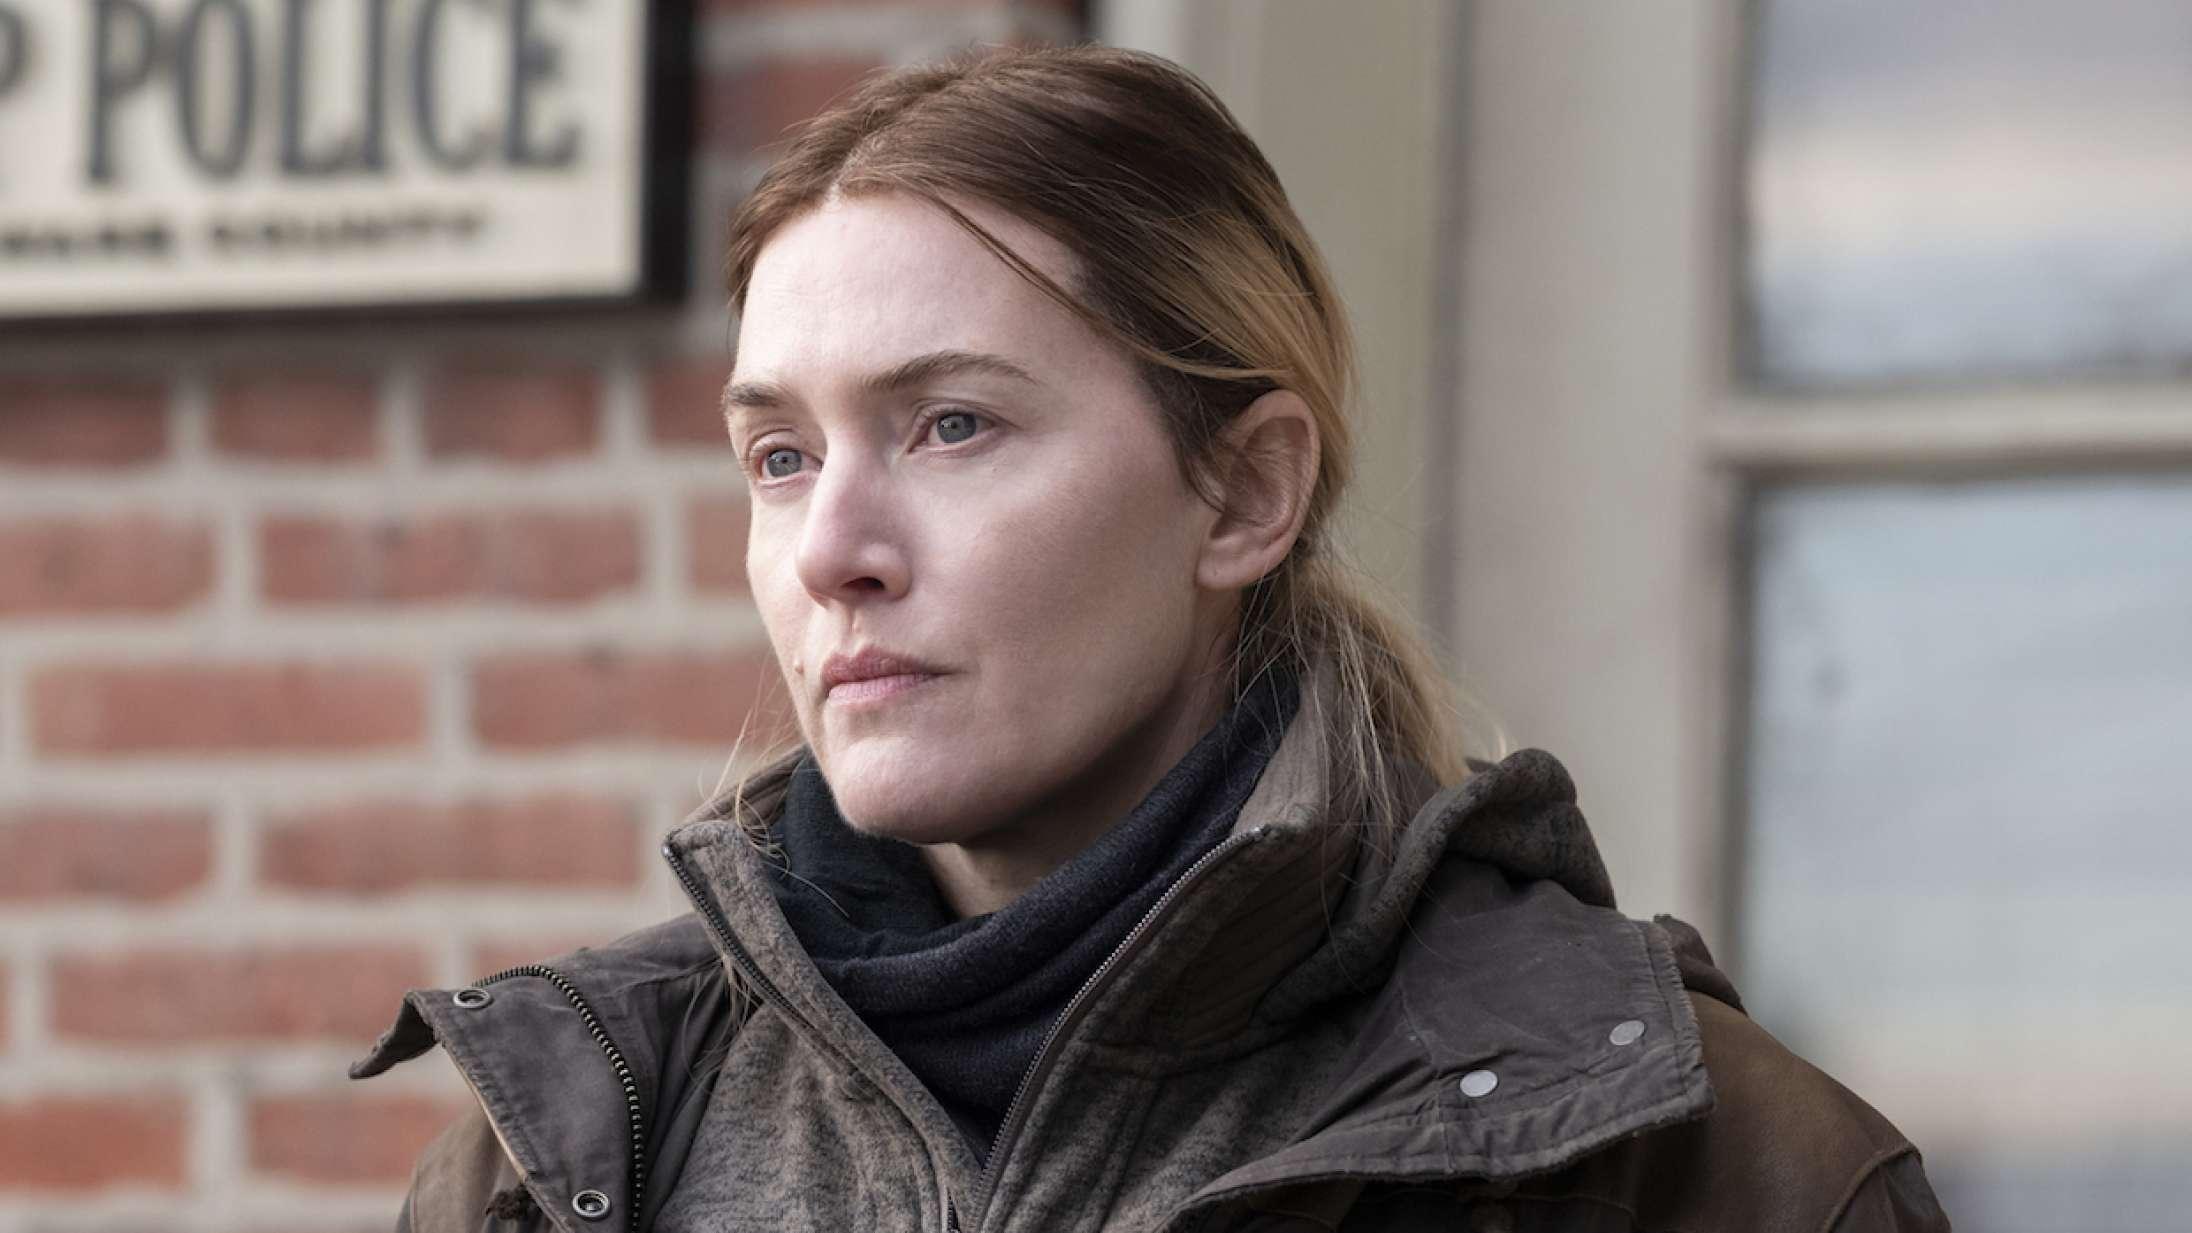 Kate Winslet gør seriecomeback efter 11 år: »En af de største udfordringer, jeg har stået overfor«